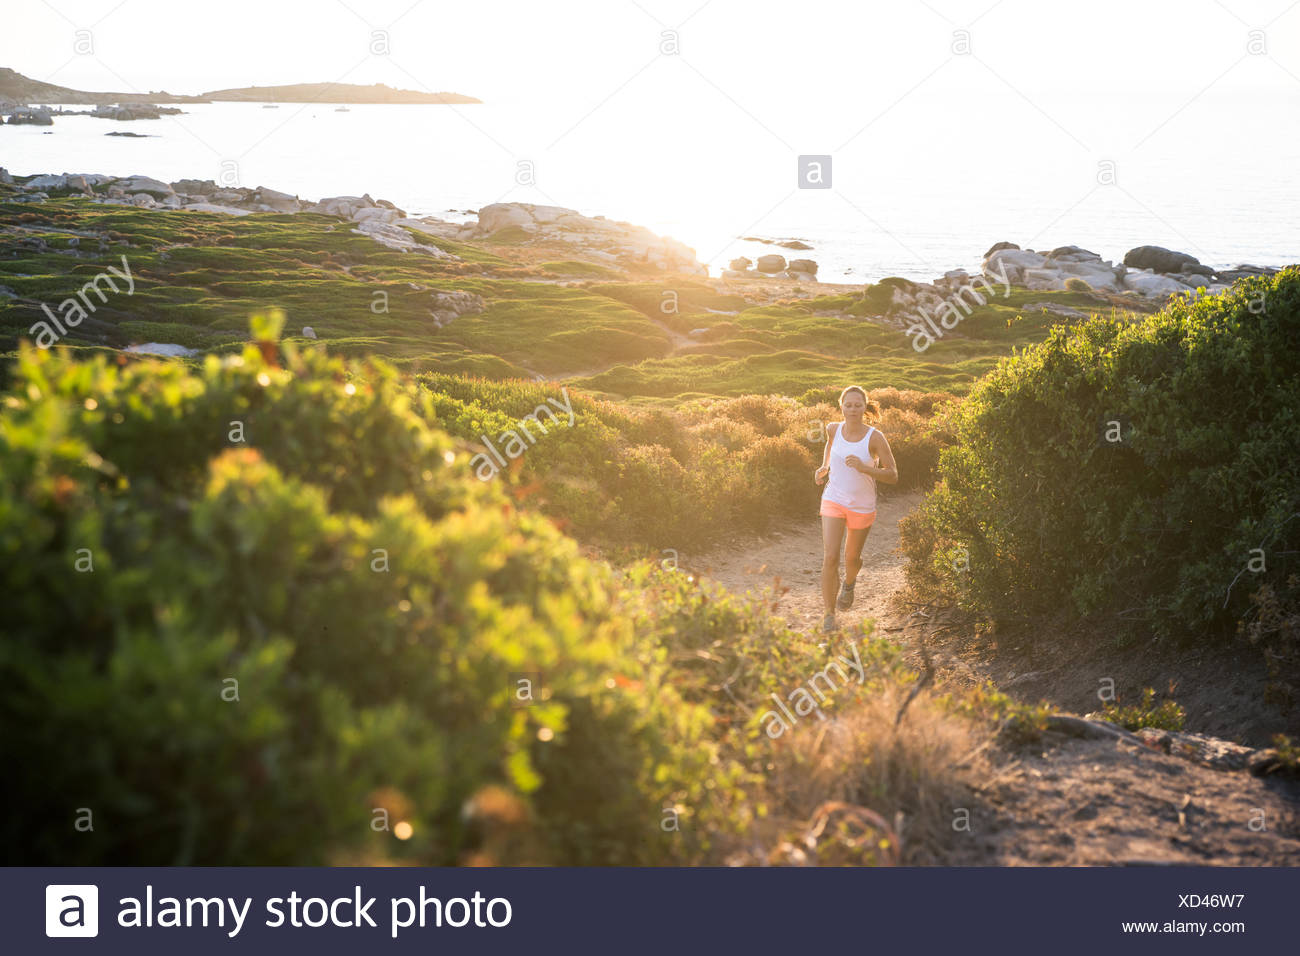 Francia, Córcega, Mujer trail running en la costa Imagen De Stock